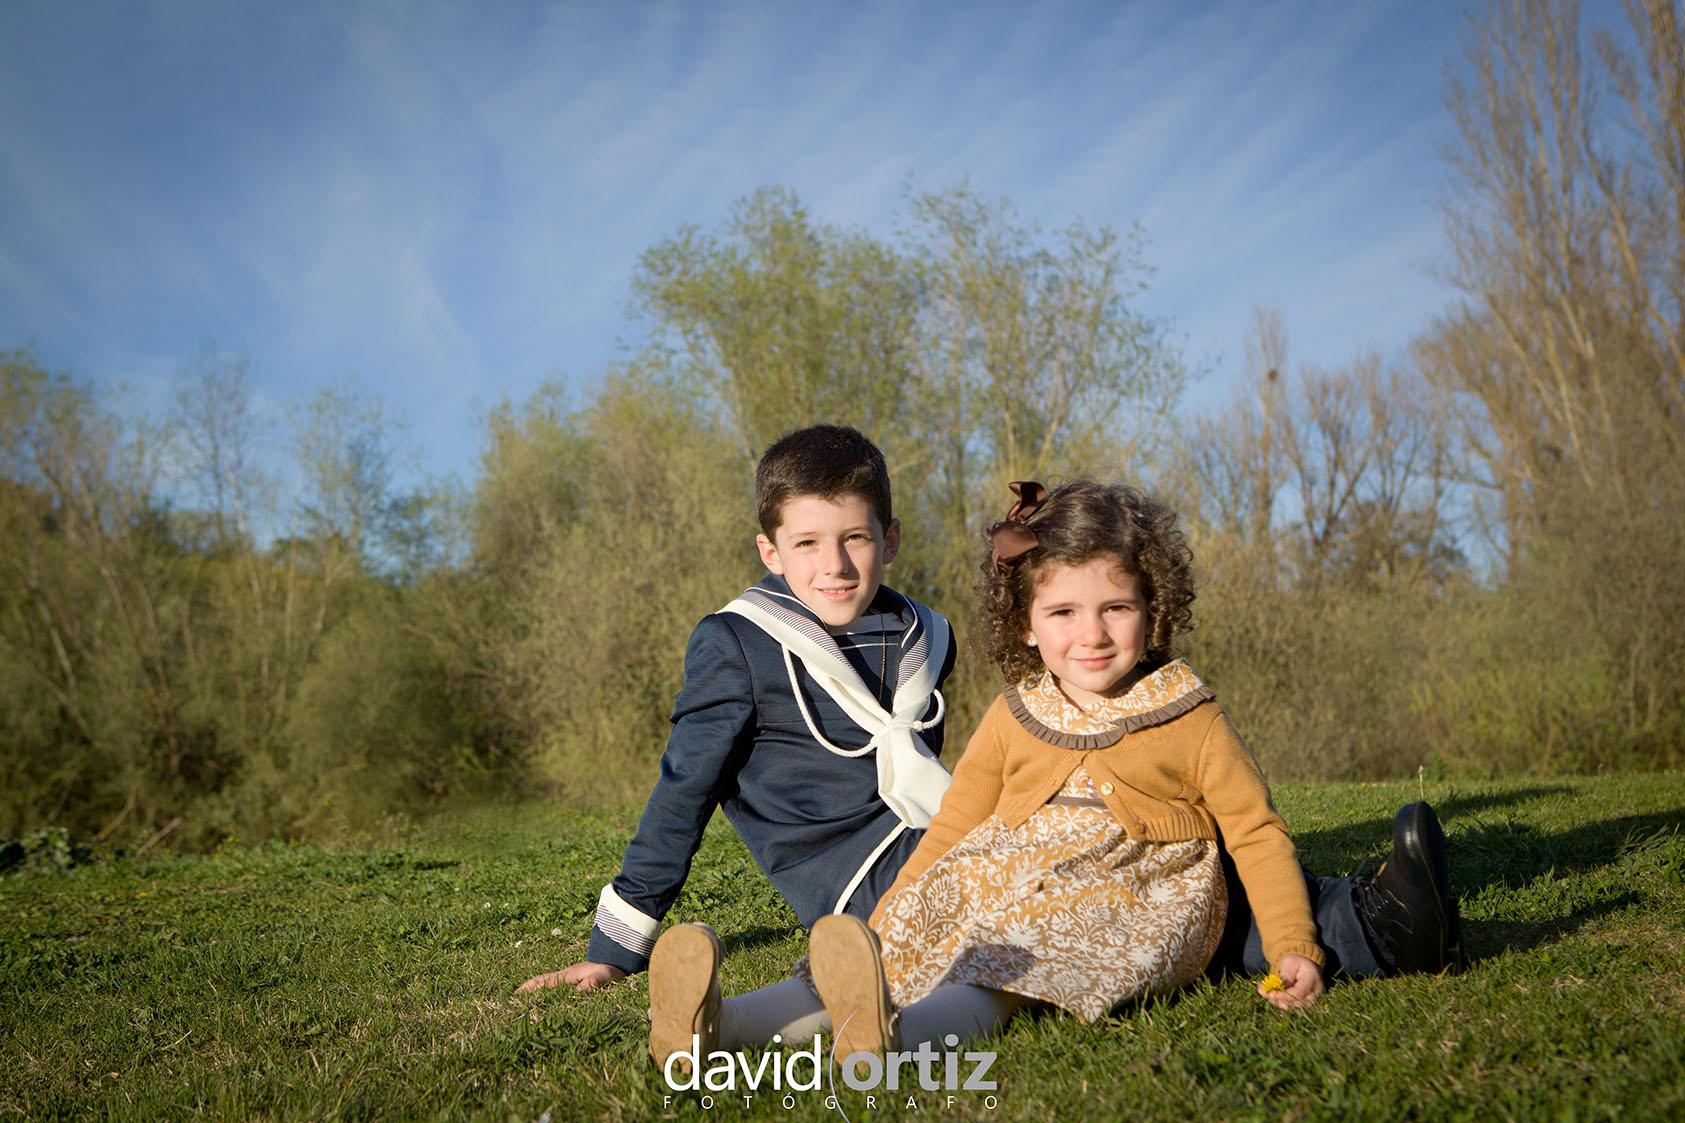 Fotografía y reportaje, realizado por David Ortiz Fotógrafo en Salamanca